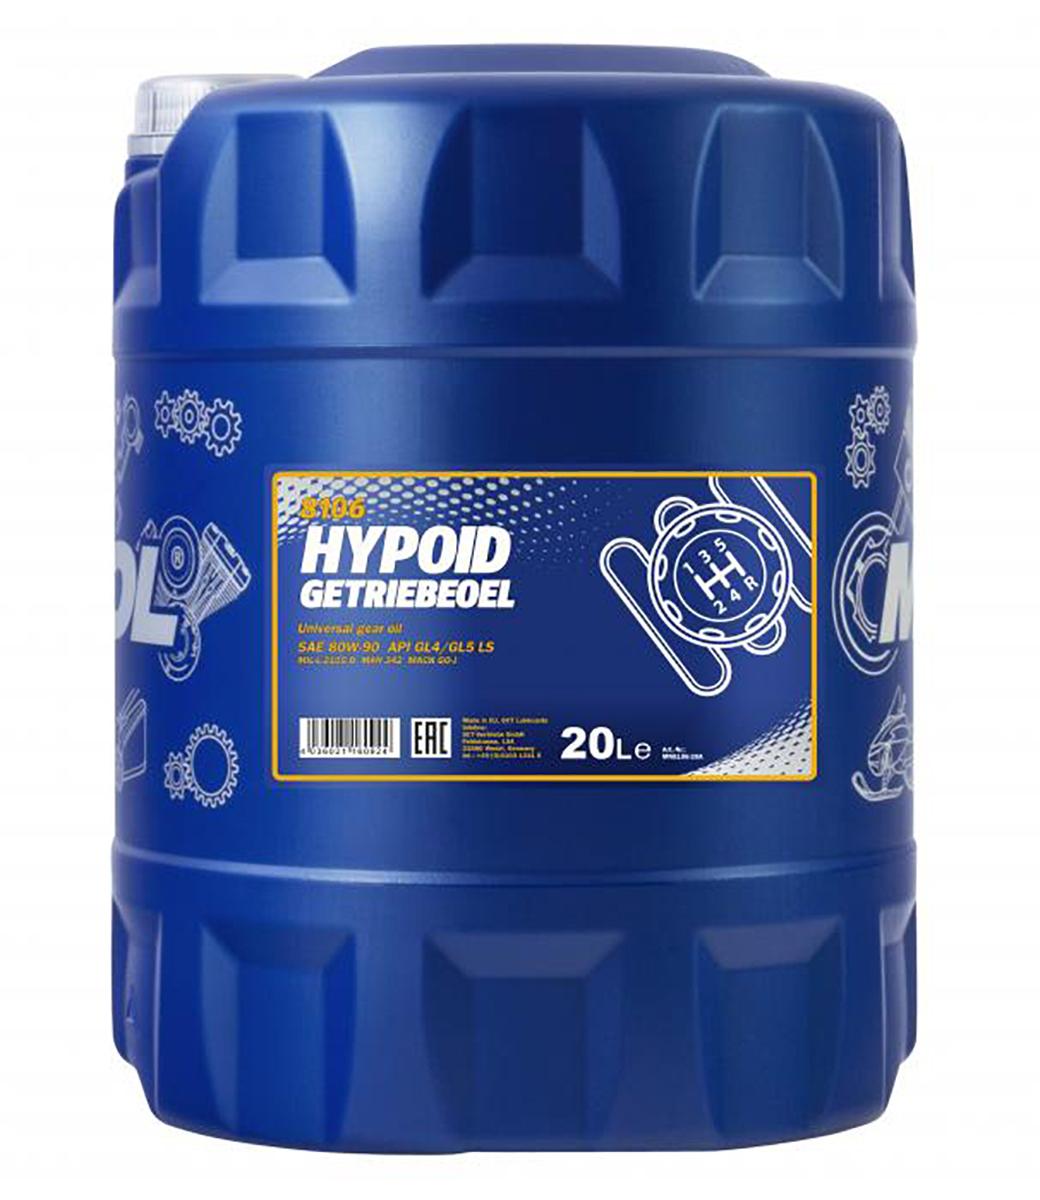 Hypoid Getriebeoel 80W-90